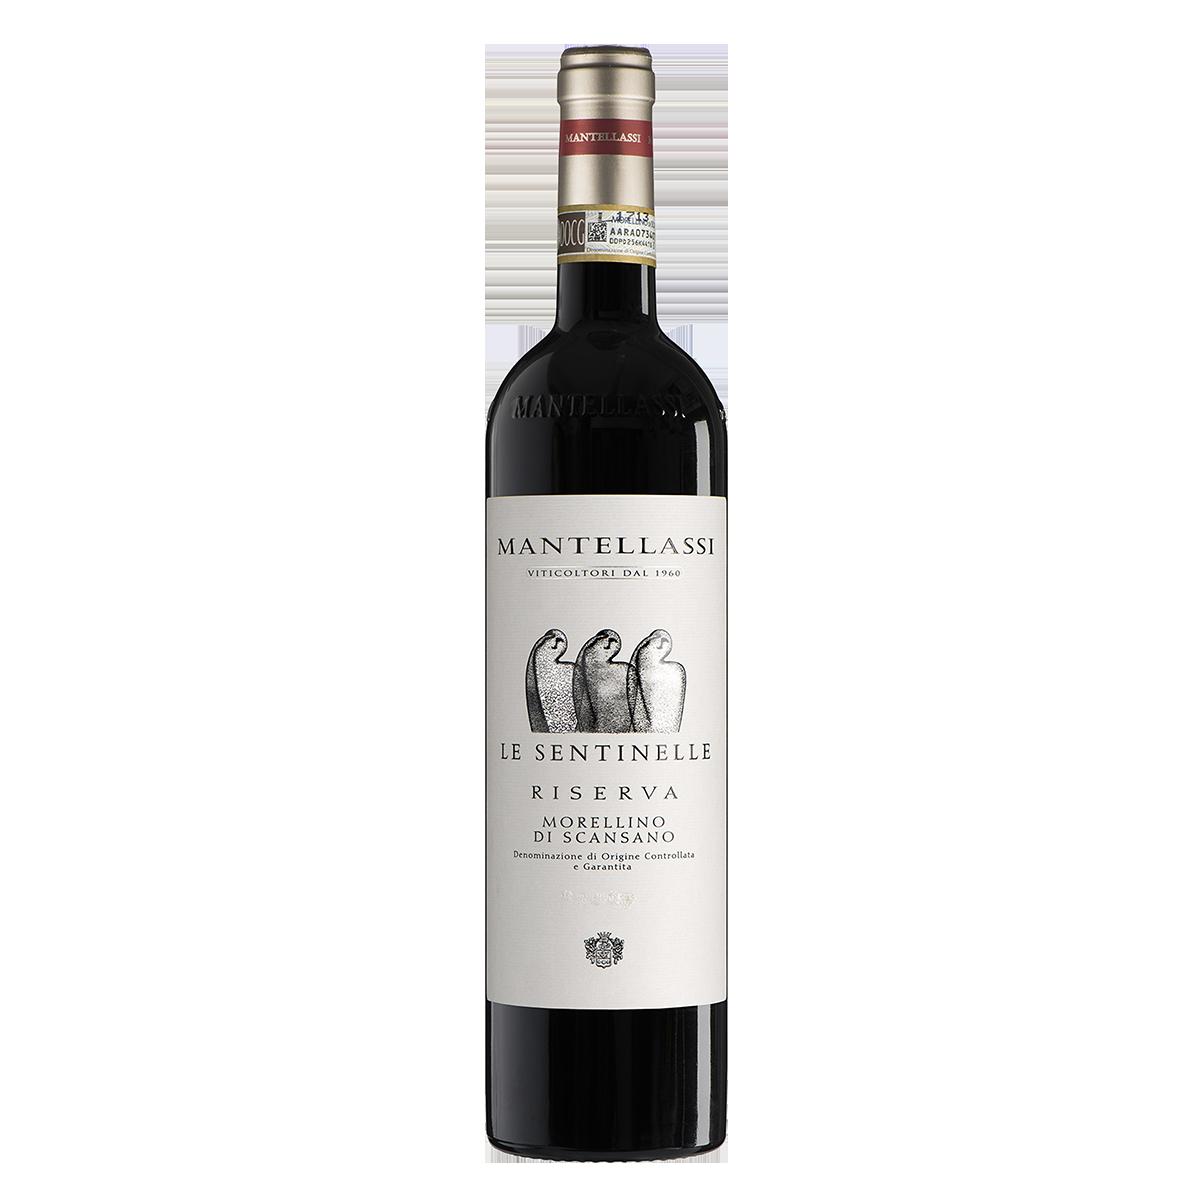 ITTM1201-13 義大利馬得利史坦利高級陳年紅酒 Mantellassi Le Sentinelle Morellino di Scansano D.O.C.G. Riserva